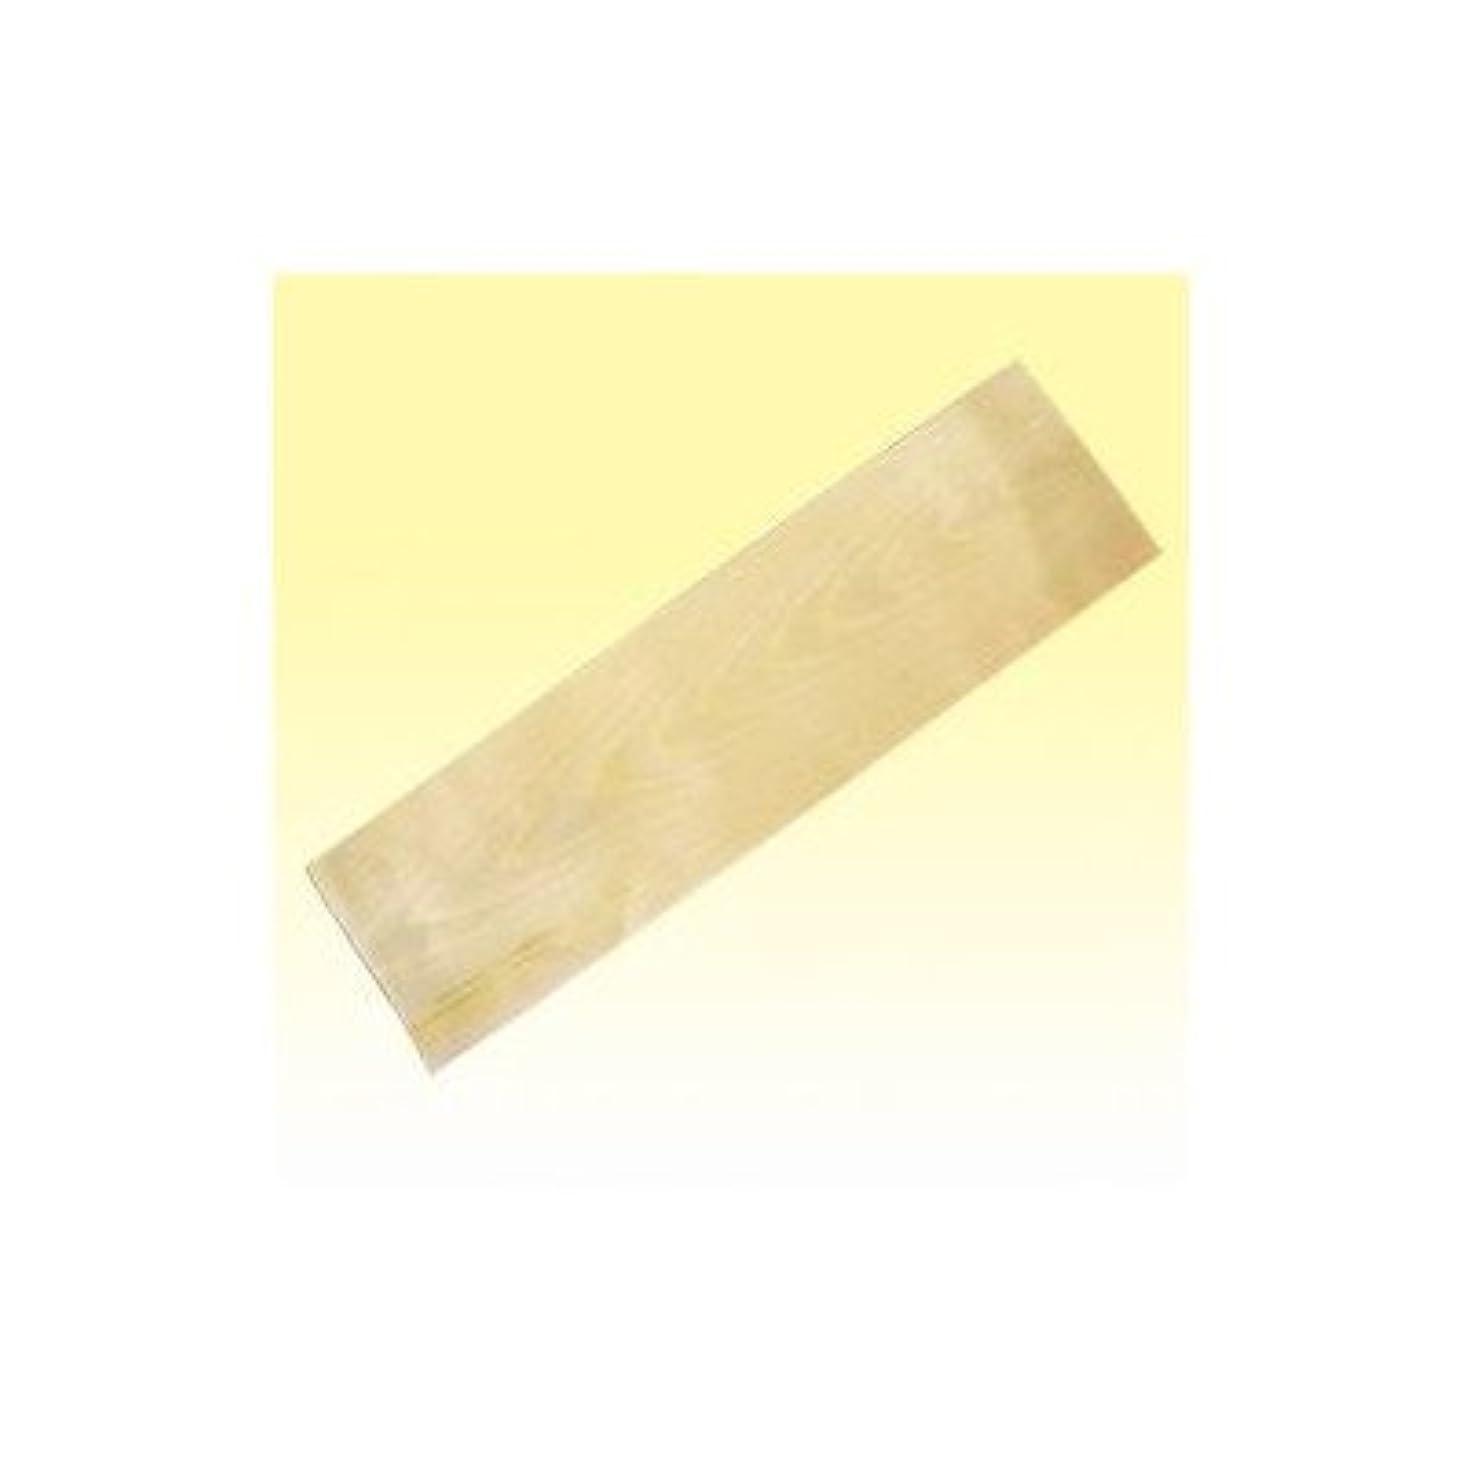 何か無実スカリー経木薄板 尺4(420x120) 100枚入